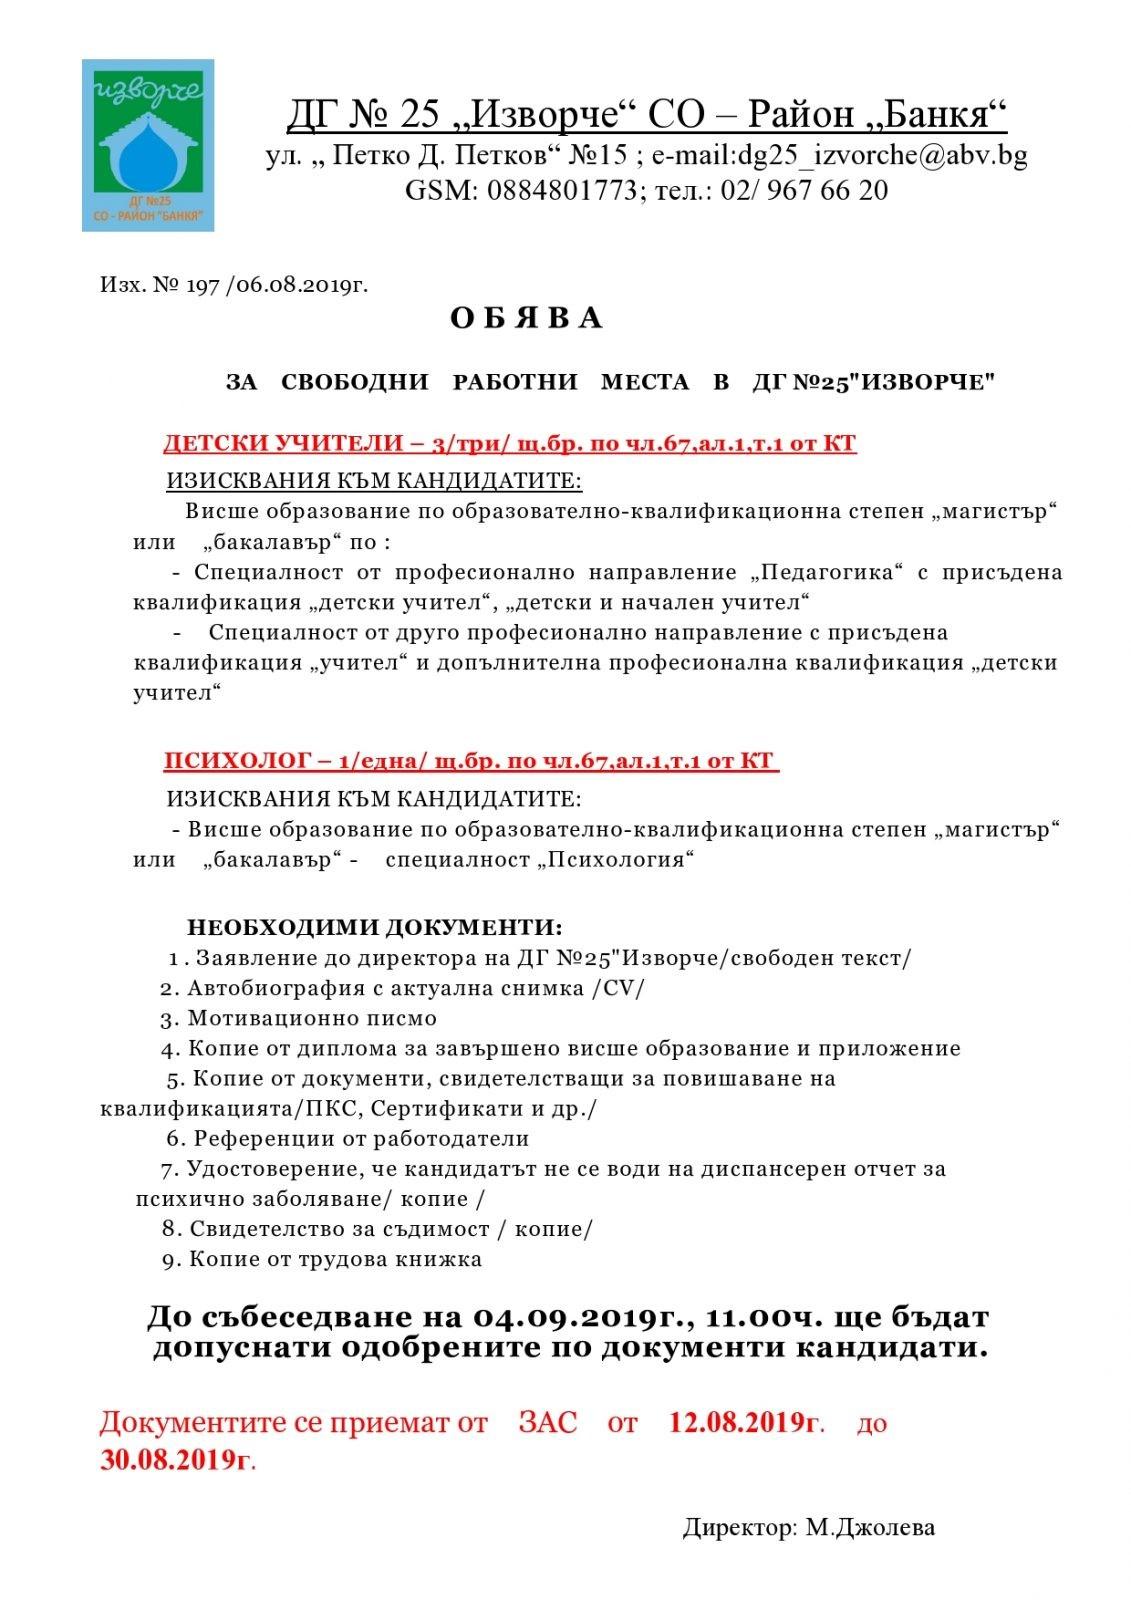 Обява за свободни работни места за набиране на детски учители и психолог в ДГ 25 Изворче